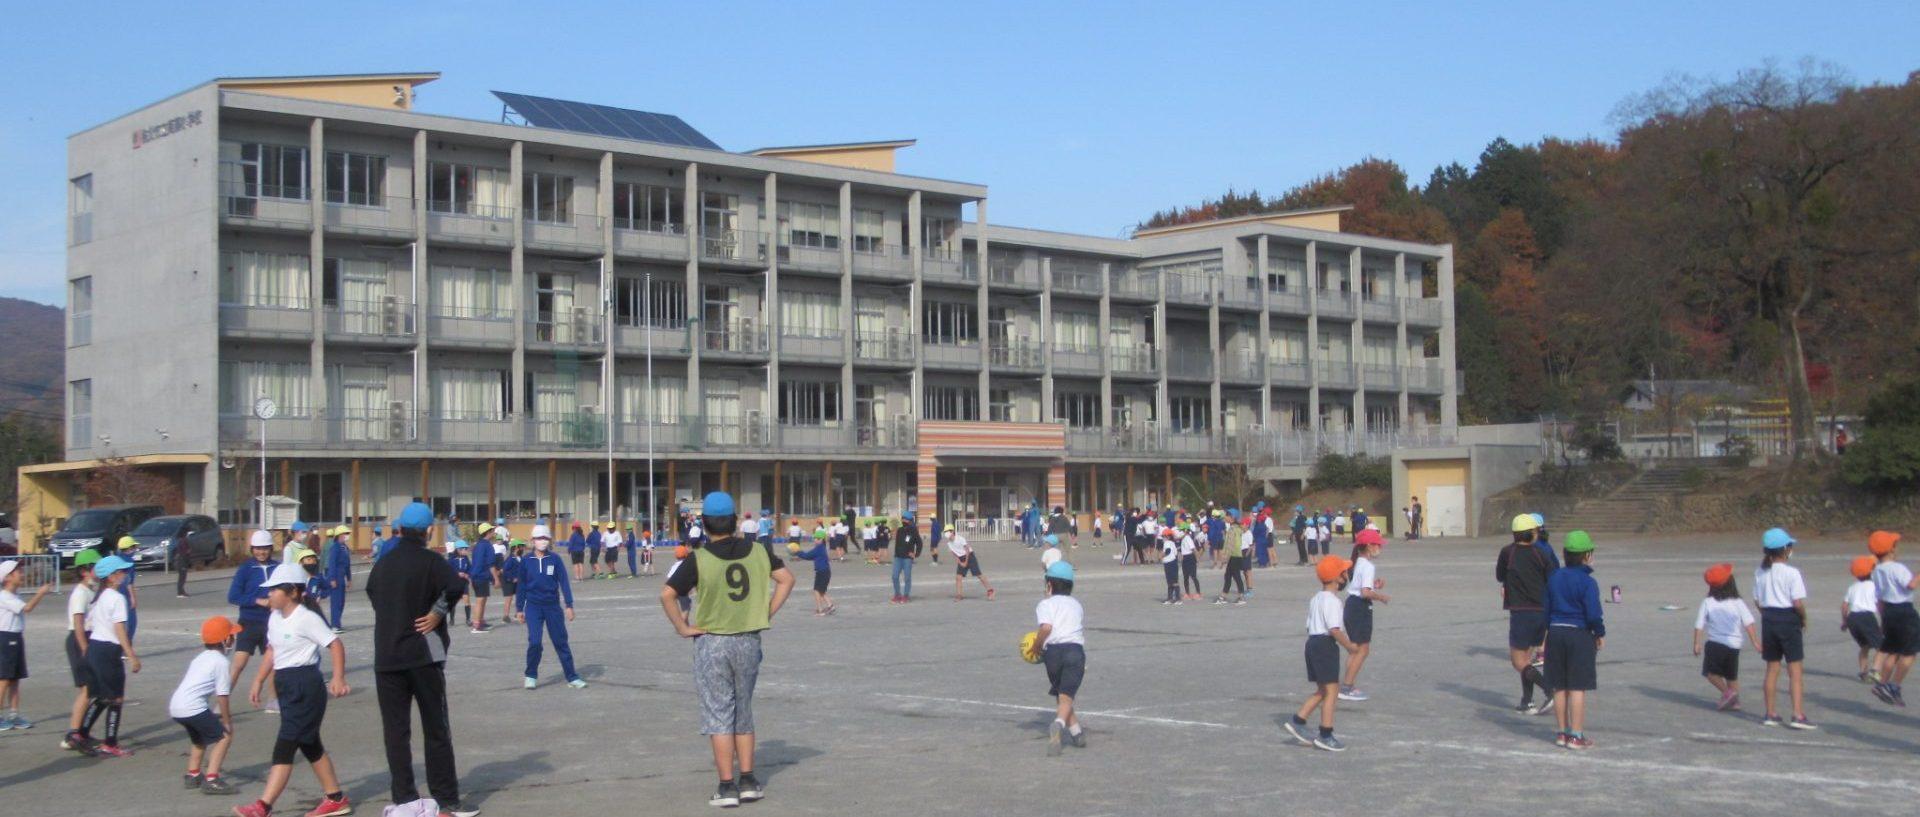 秩父市立高篠小学校 メインイメージ